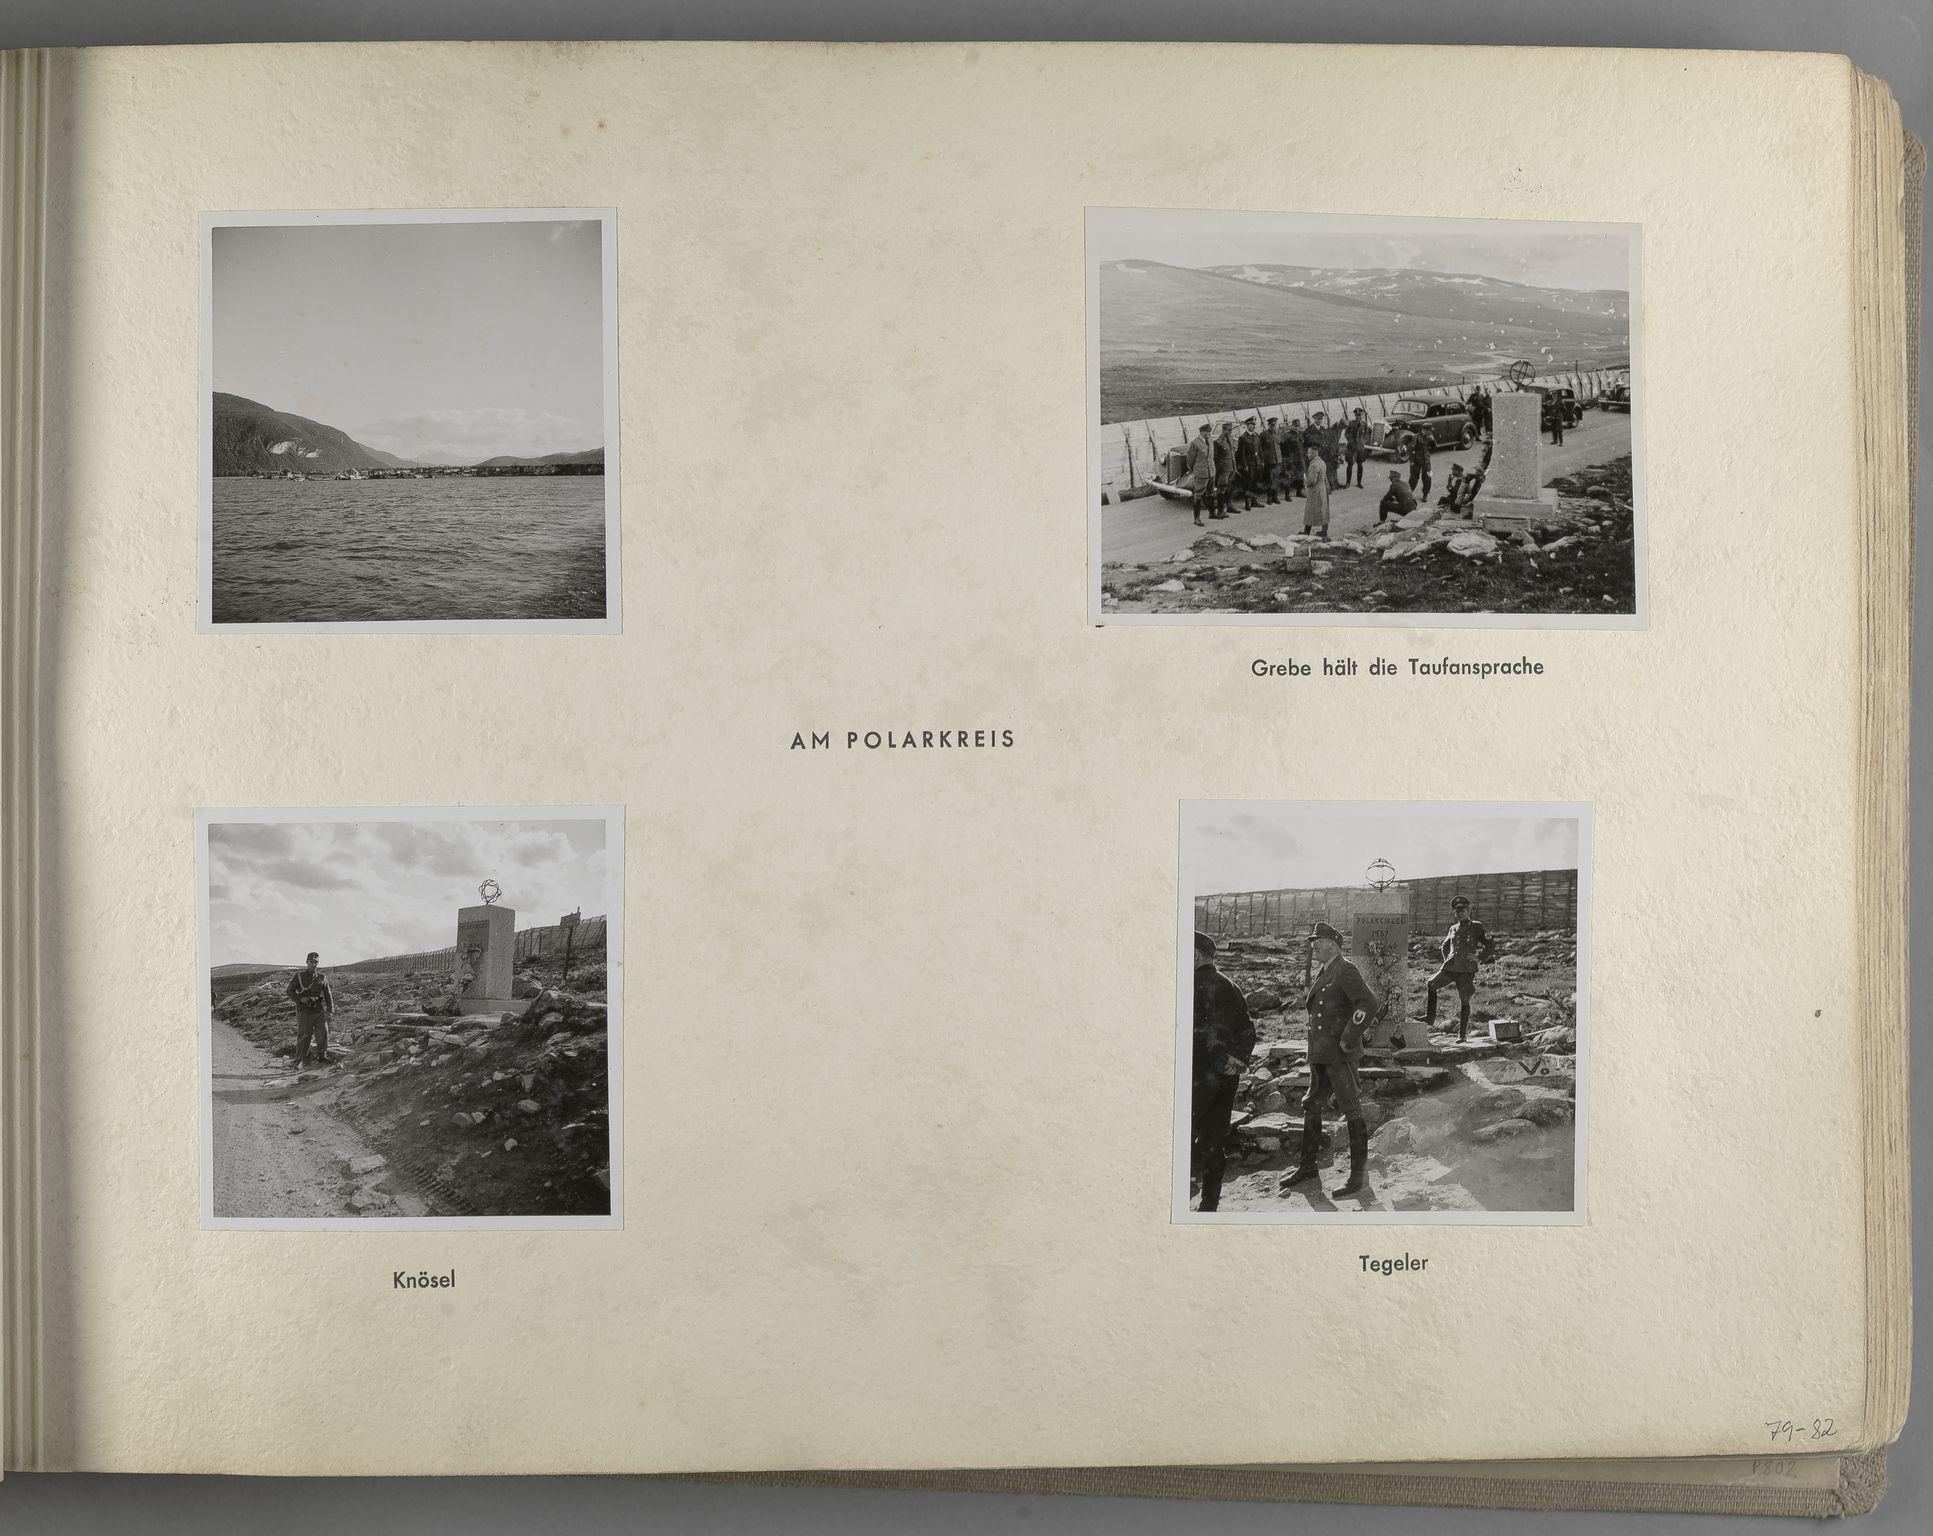 RA, Tyske arkiver, Reichskommissariat, Bildarchiv, U/L0071: Fotoalbum: Mit dem Reichskommissar nach Nordnorwegen und Finnland 10. bis 27. Juli 1942, 1942, s. 31